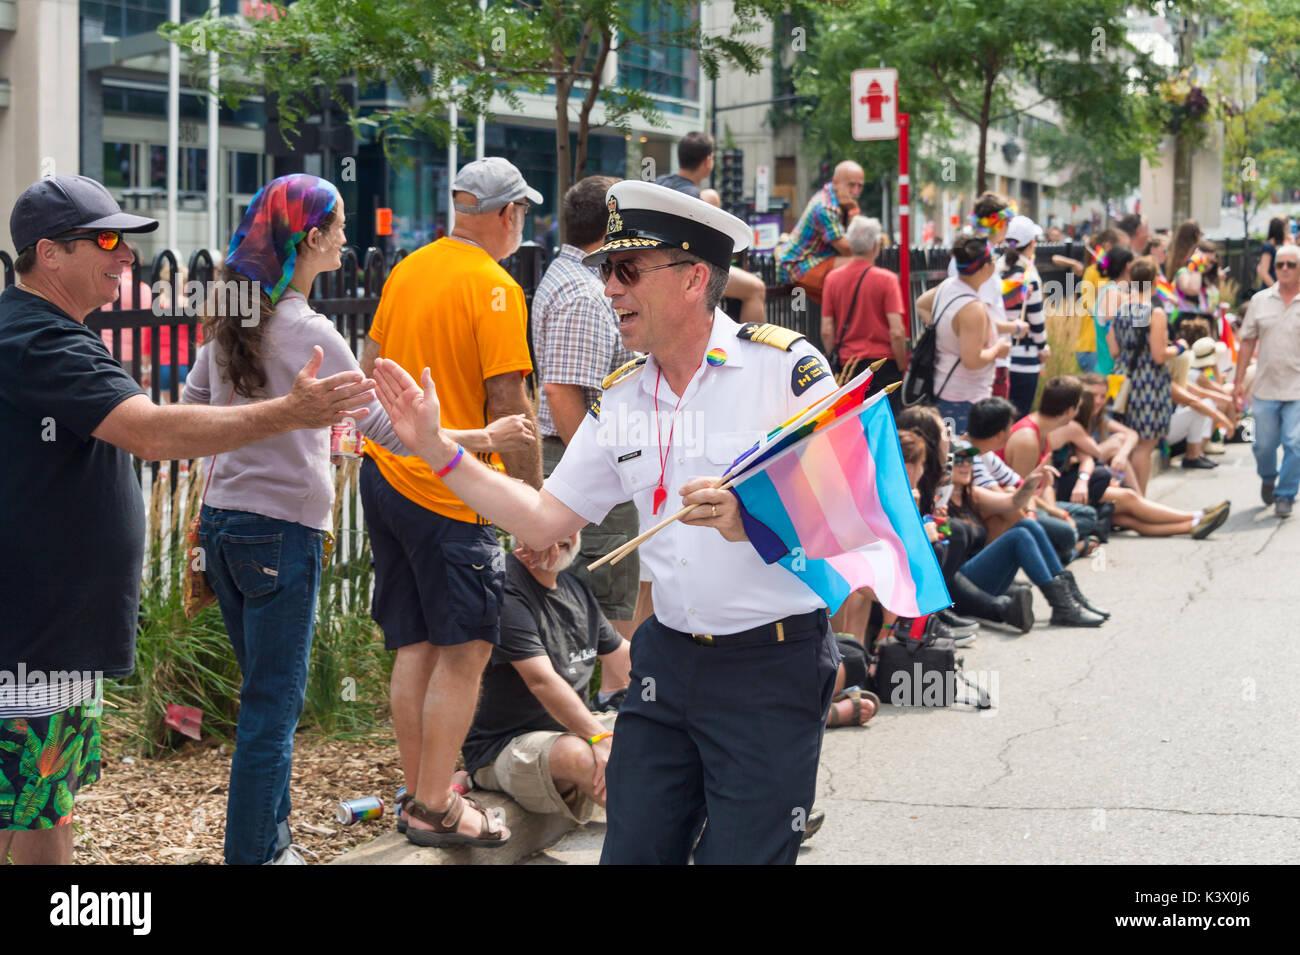 Montreal, Canadá - 20 de agosto de 2017: un miembro de la guardia costera canadiense participa en el Desfile del Orgullo Gay de Montreal Imagen De Stock